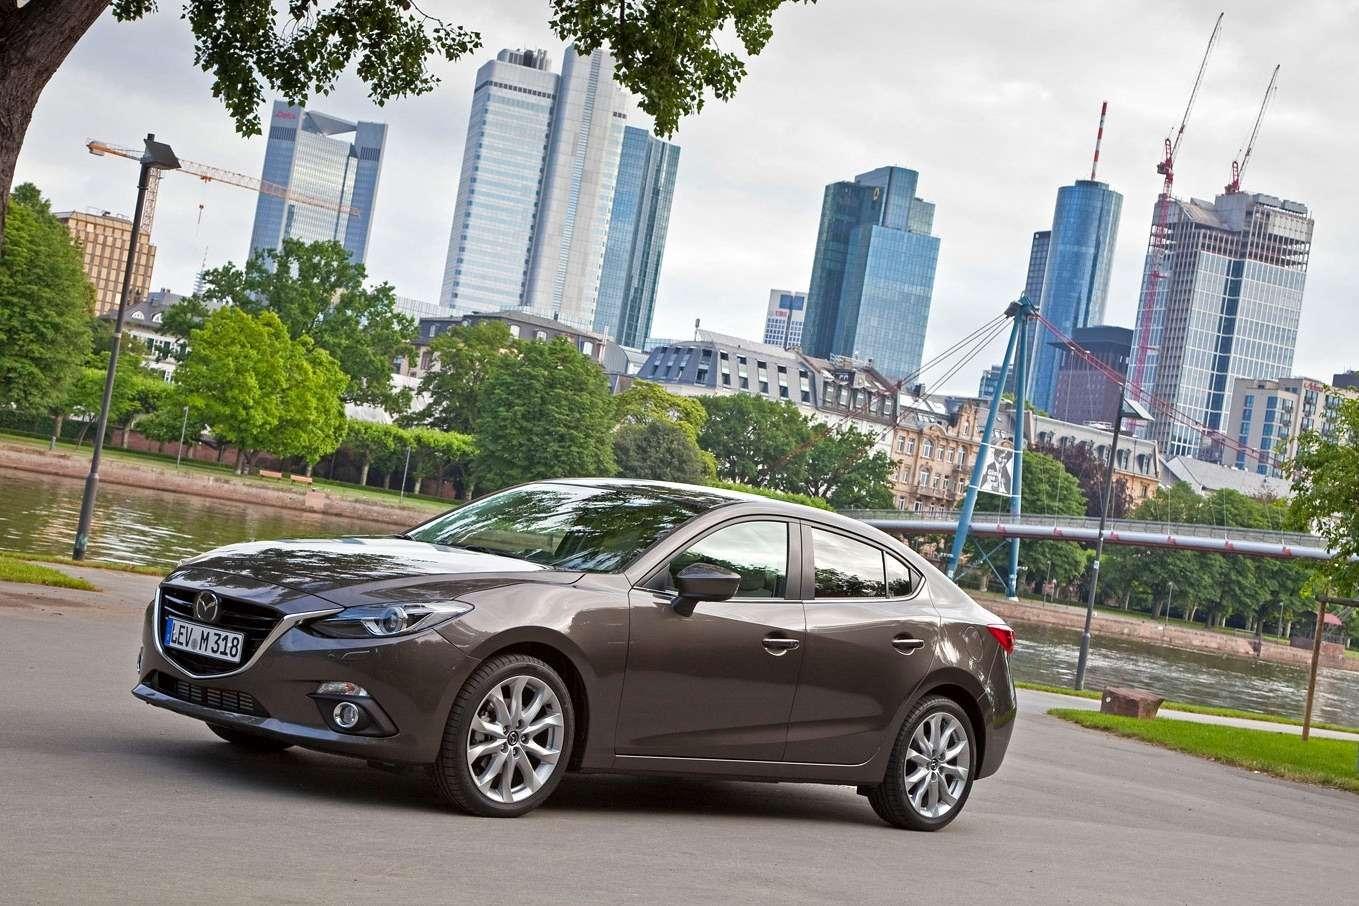 2014 Mazda3 Sedan 6[2] nocopyright (1)